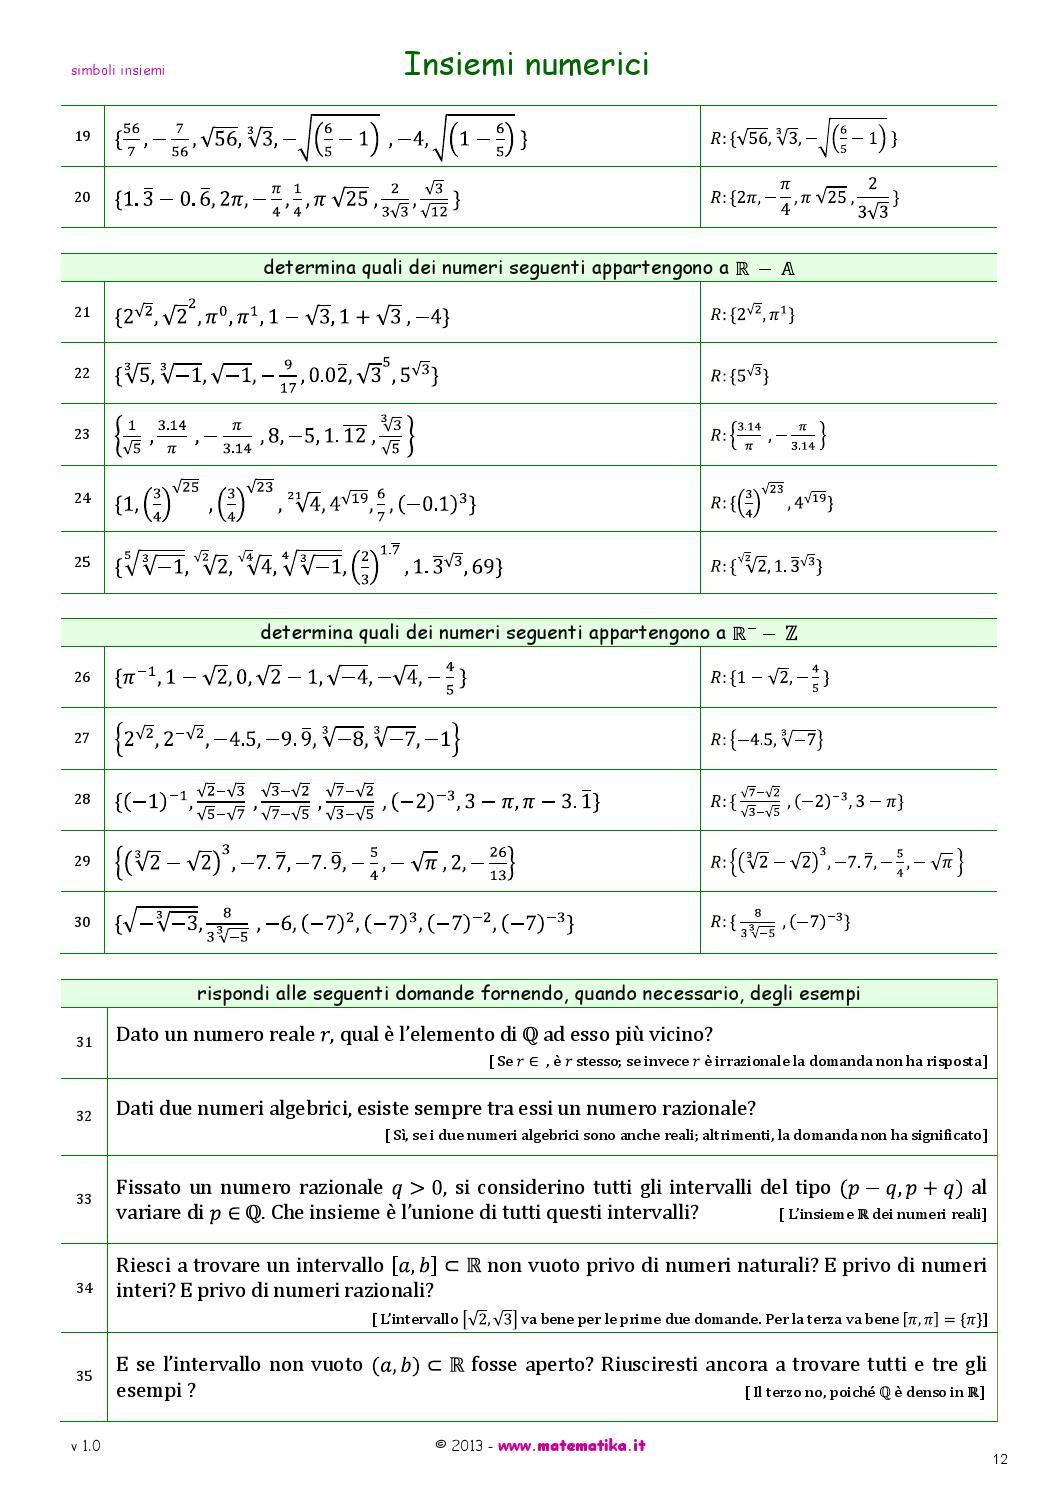 Gli Esercizi Di Matematika Versione 10 By Progetto Matematika Issuu